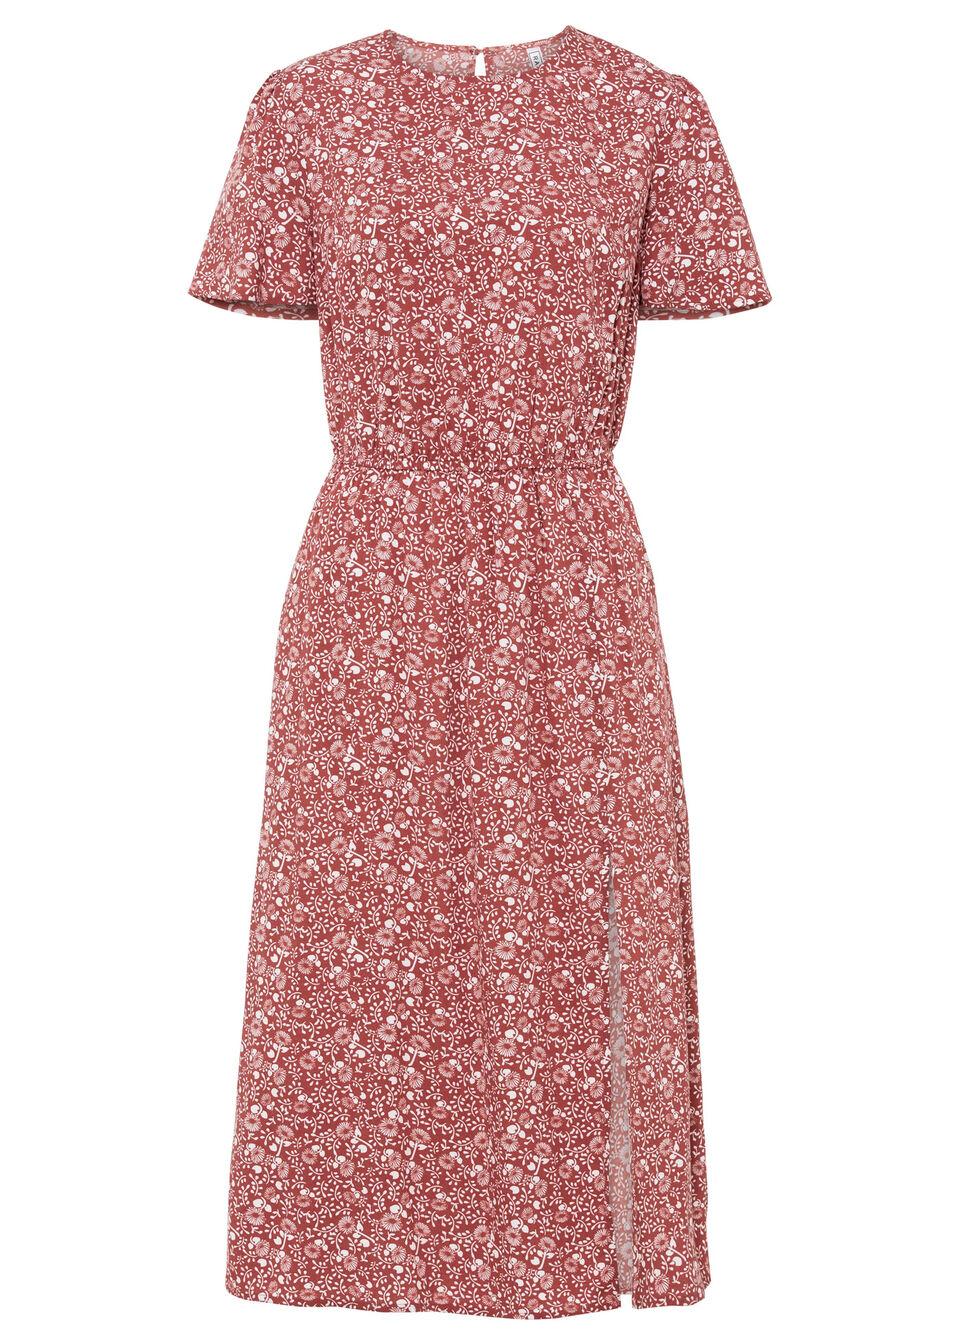 Sukienka w kwiaty i z rozcięciem, LENZING™ ECOVERO™ bonprix brązowy marsala - biały w kwiaty